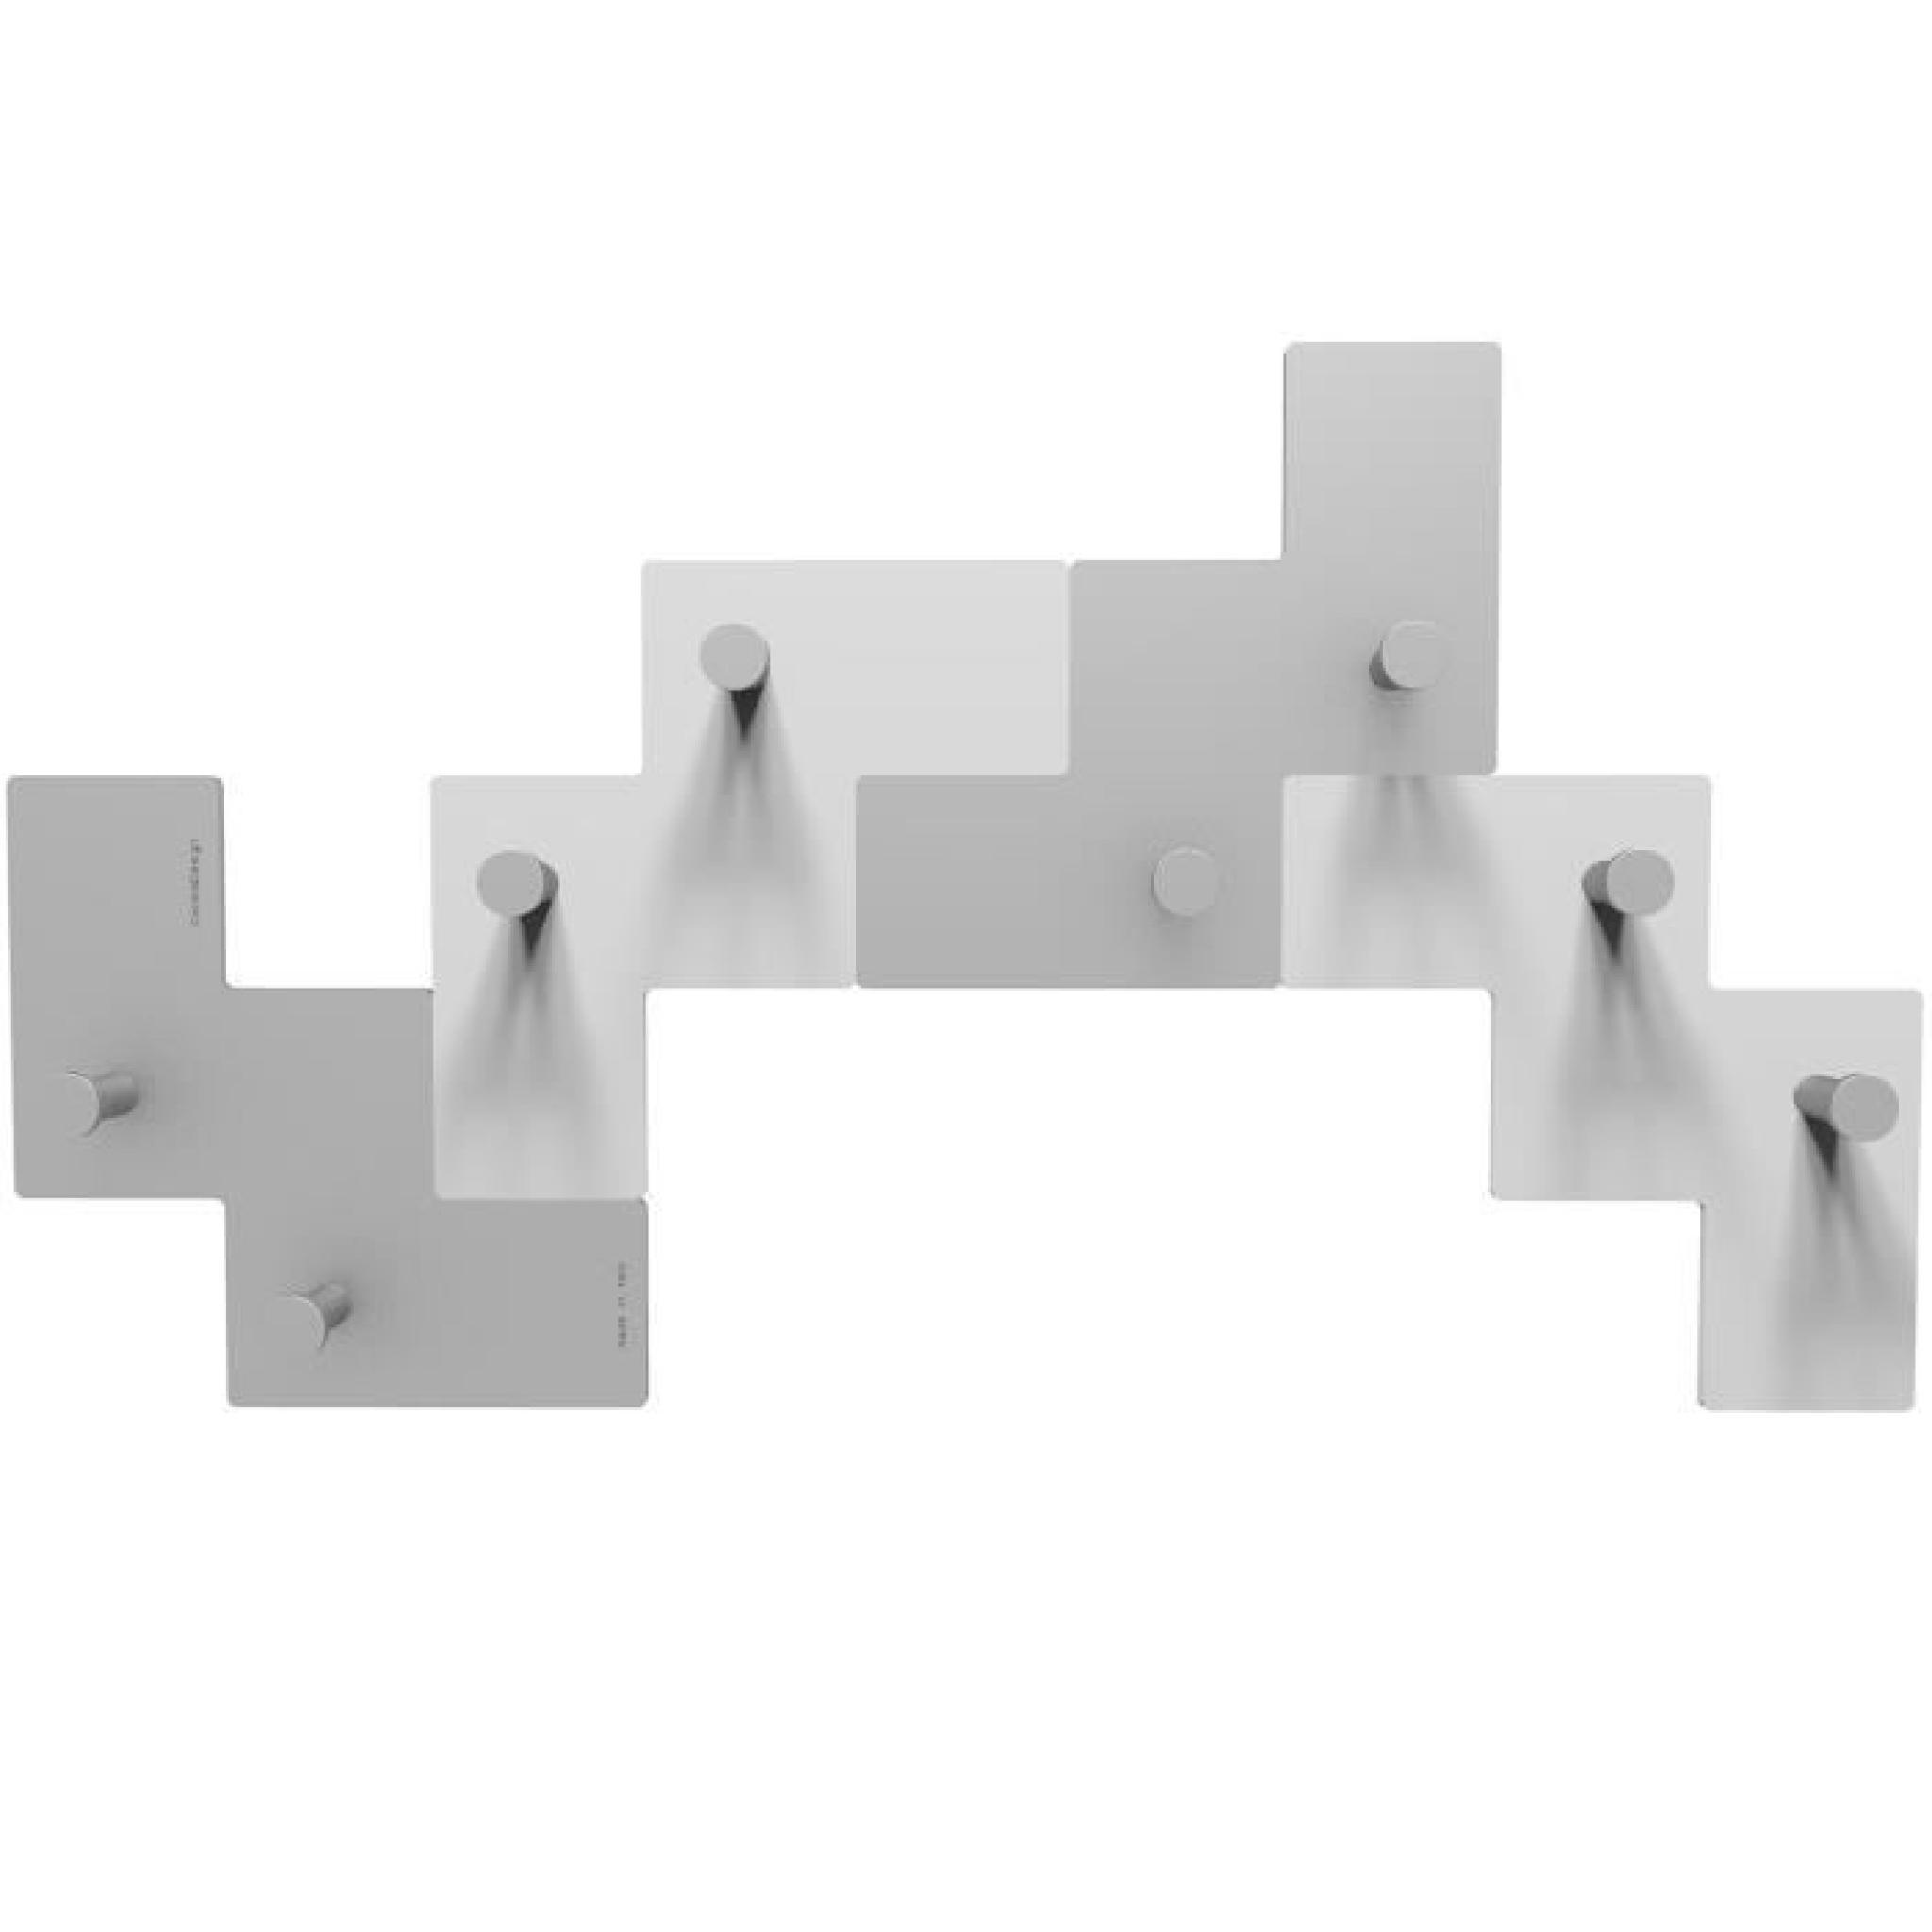 awesome armoire de chambre pas cher 5 porte manteaux design cloclo couleur aluminium. Black Bedroom Furniture Sets. Home Design Ideas